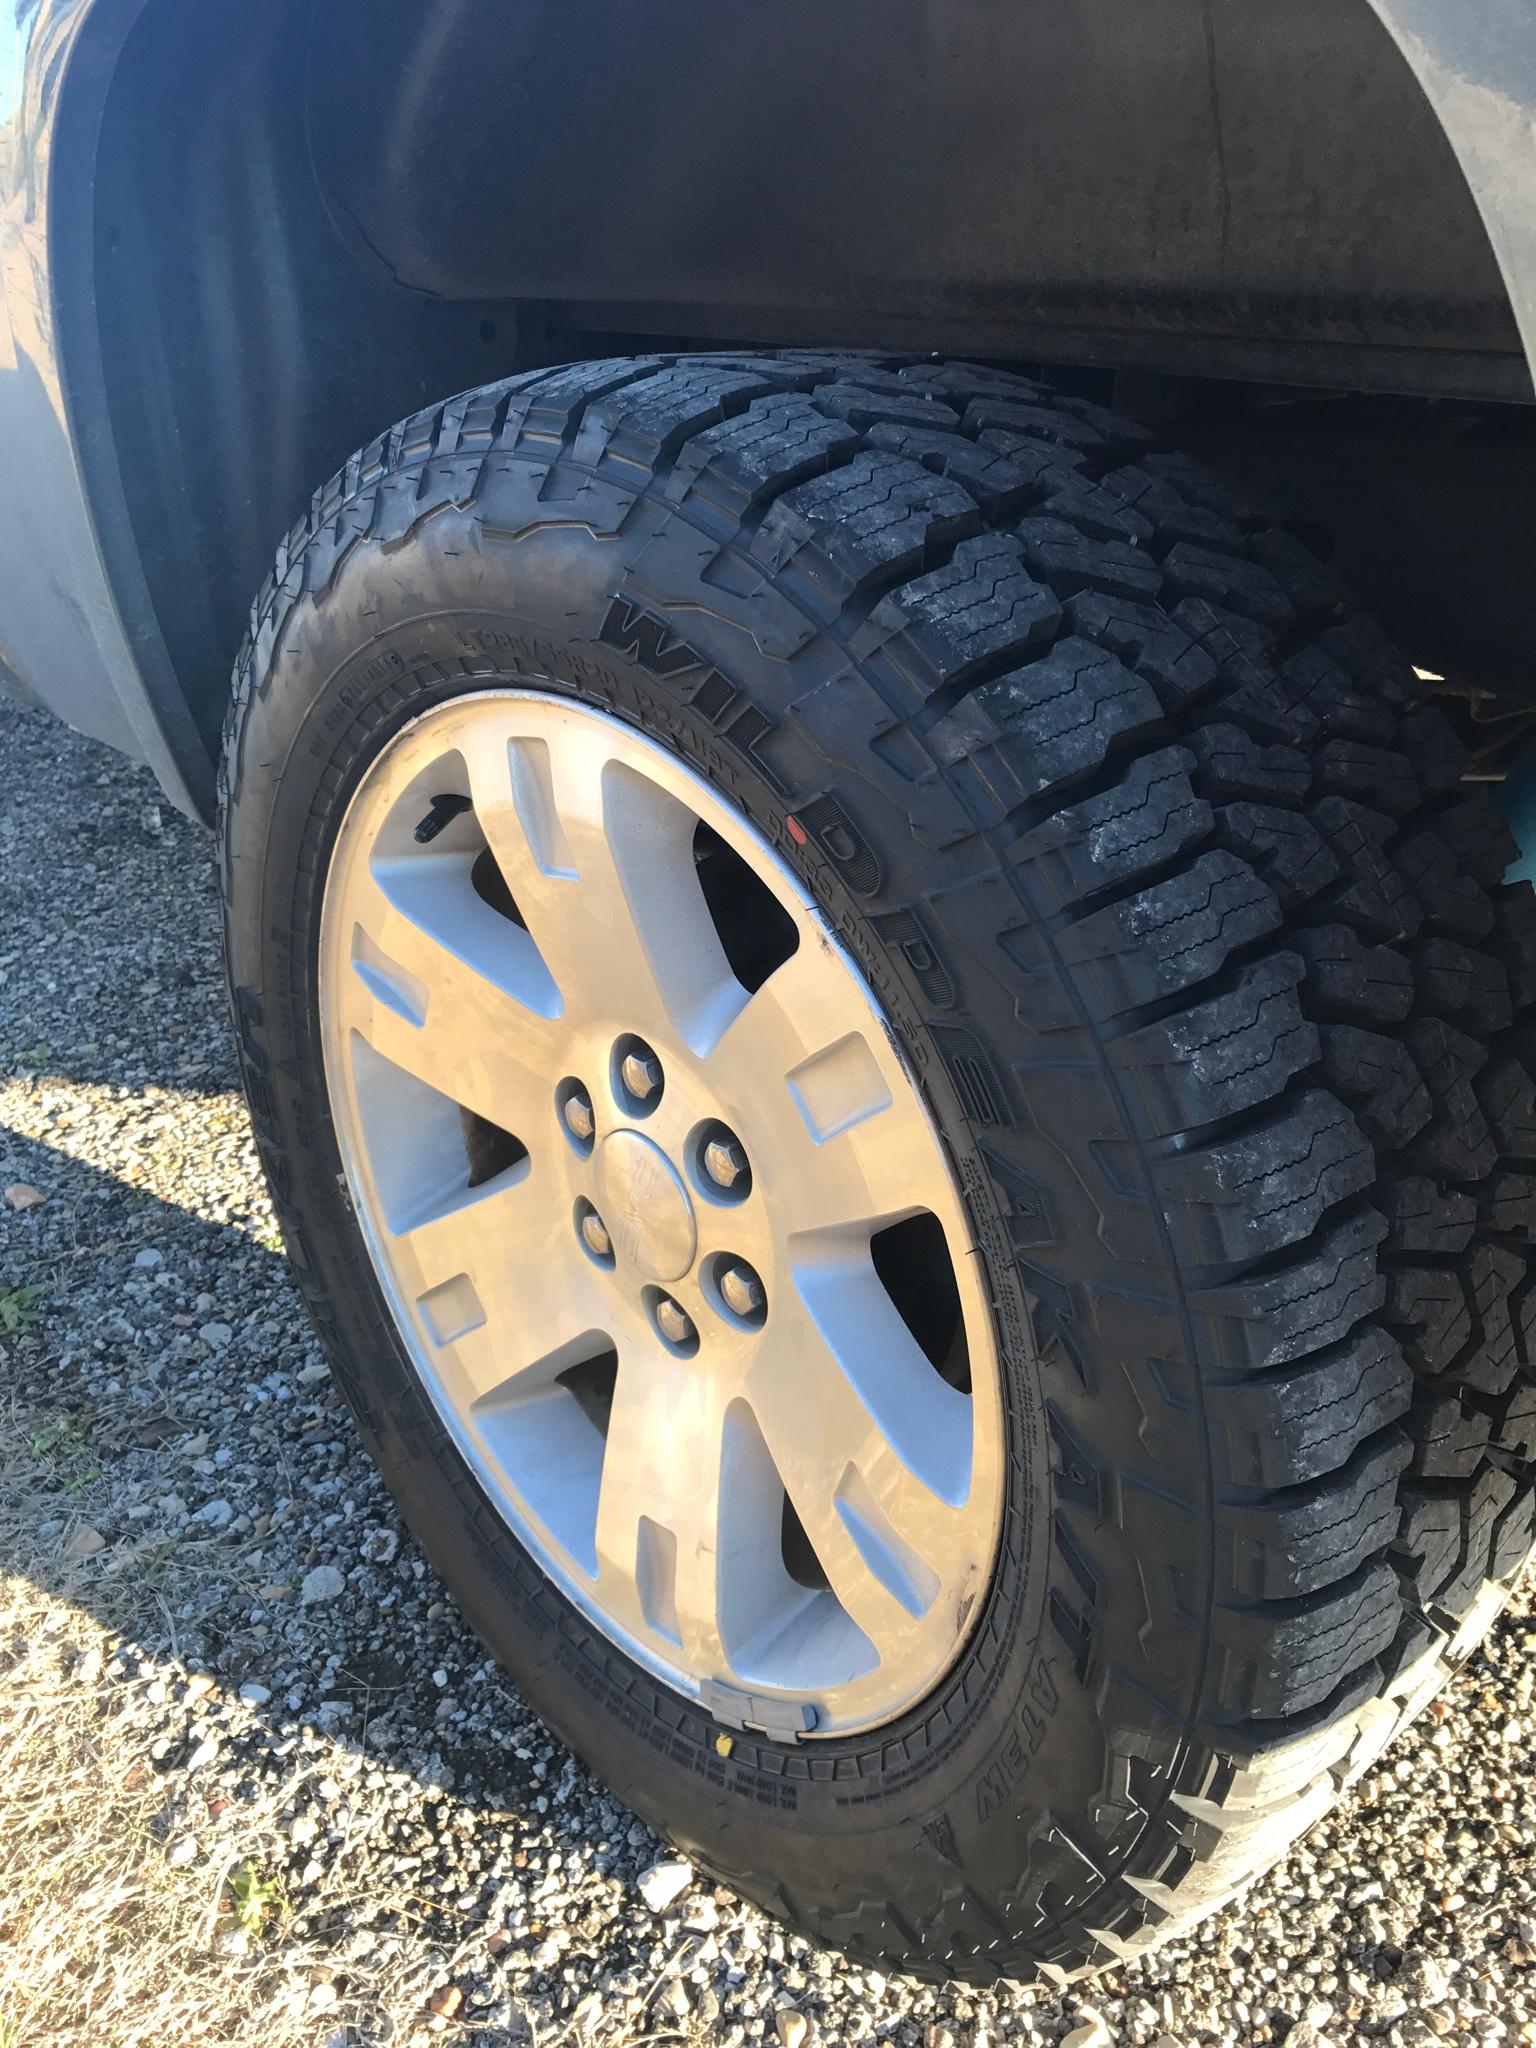 New Falken Wildpeak at3w 275/70 | Chevy Truck Forum | GMC ...